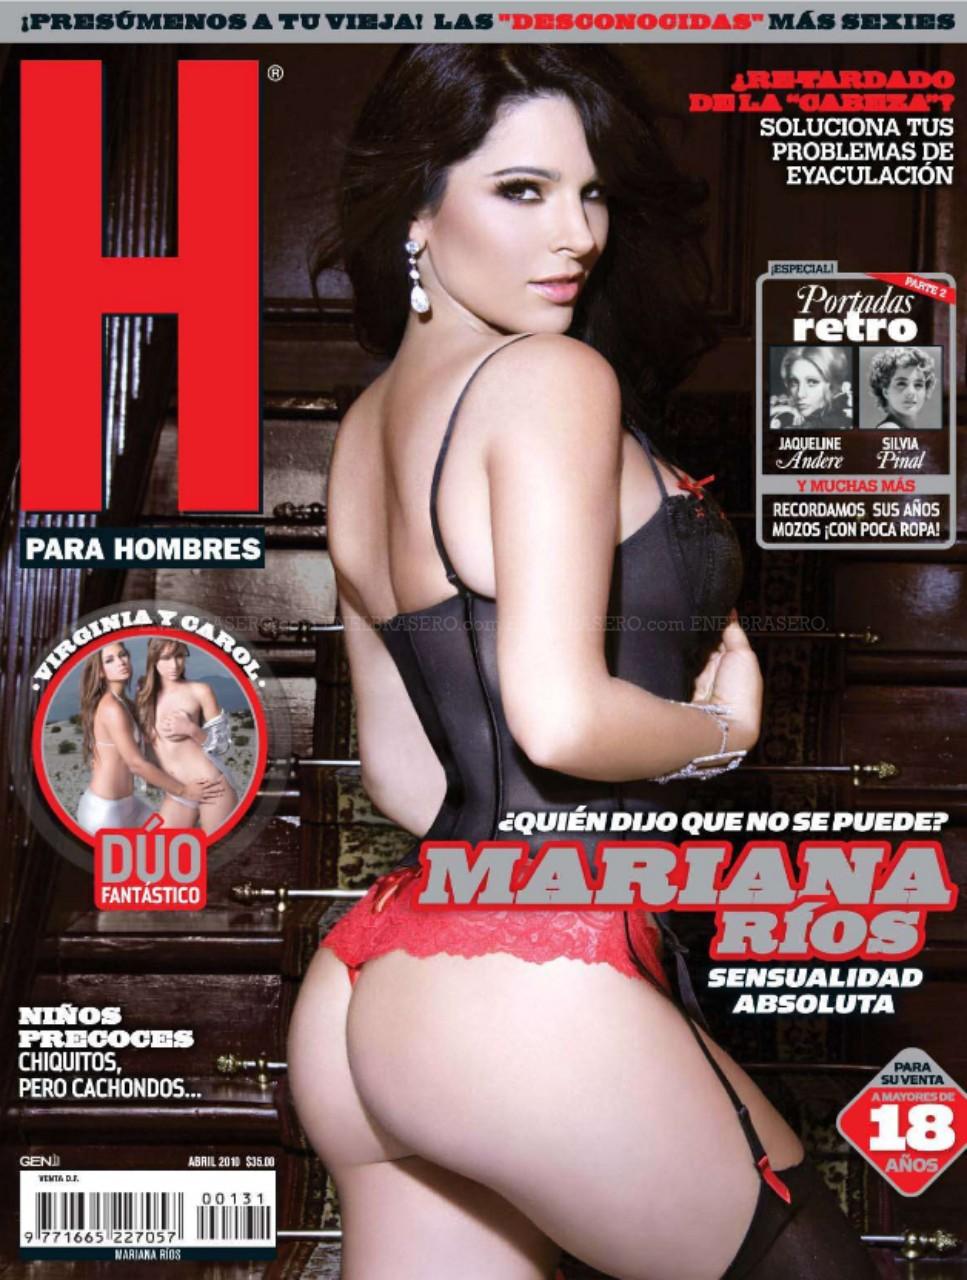 Mariana Rios muestra su sensualidad absoluta en la revsita H para ...